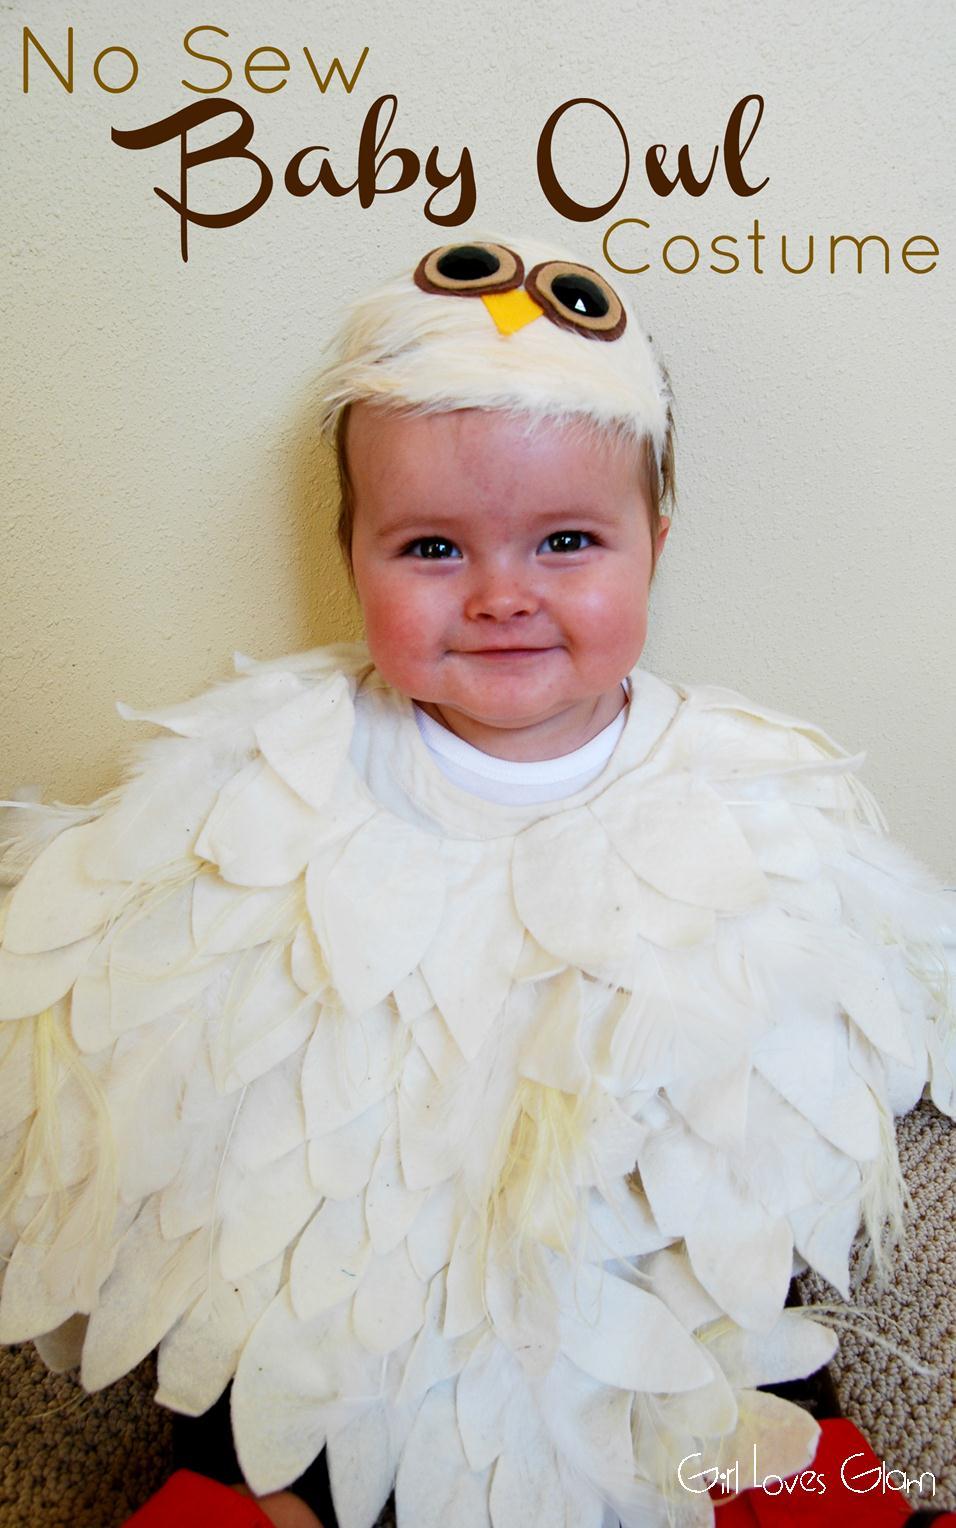 No Sew Baby Owl Costume  sc 1 st  Girl Loves Glam & No Sew Baby Owl Costume - Girl Loves Glam